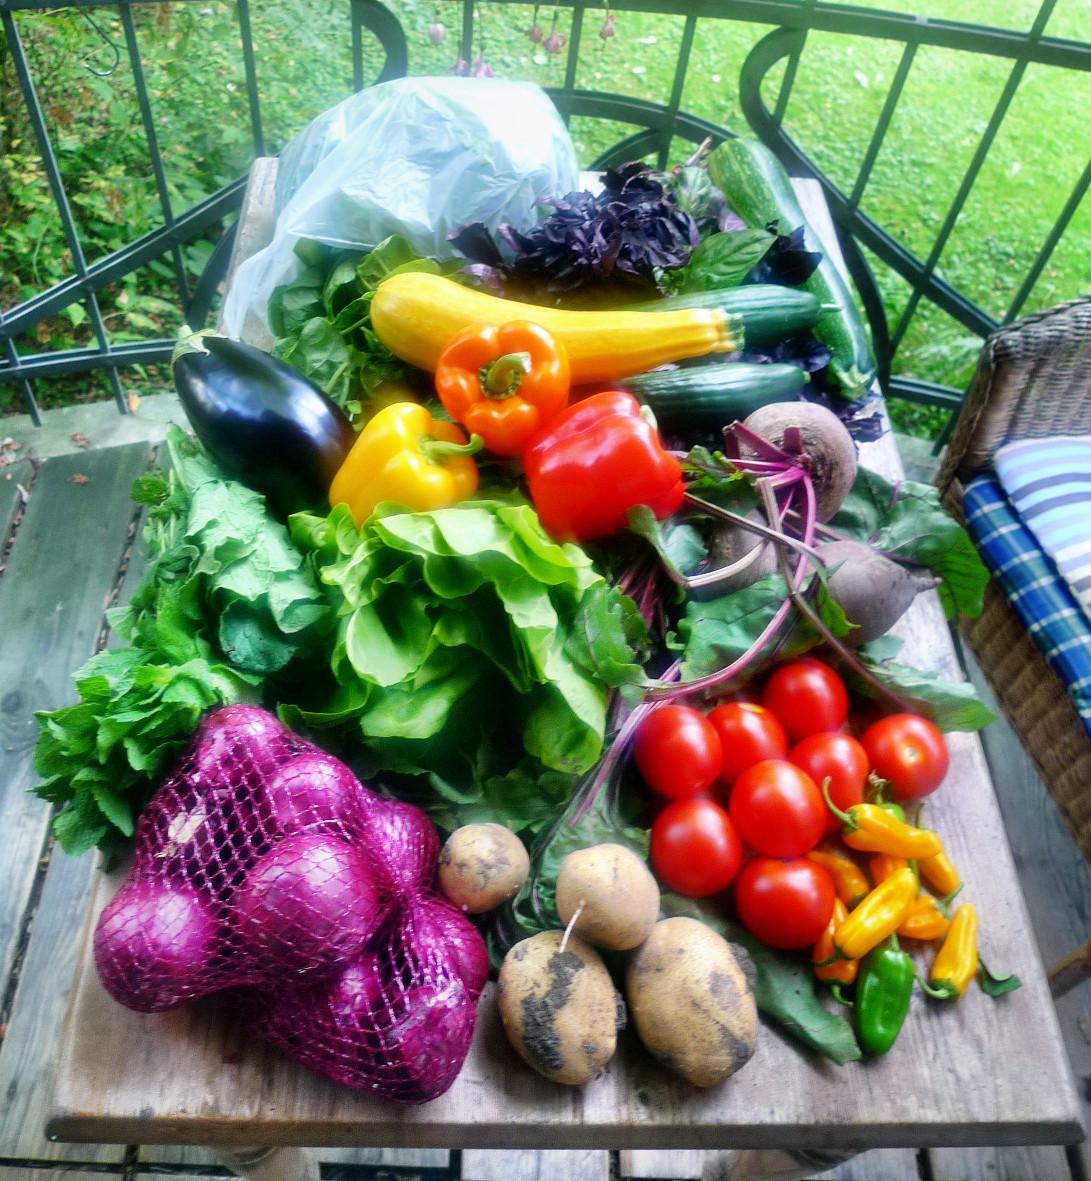 Gemüse vom Markt -22.8 (7)